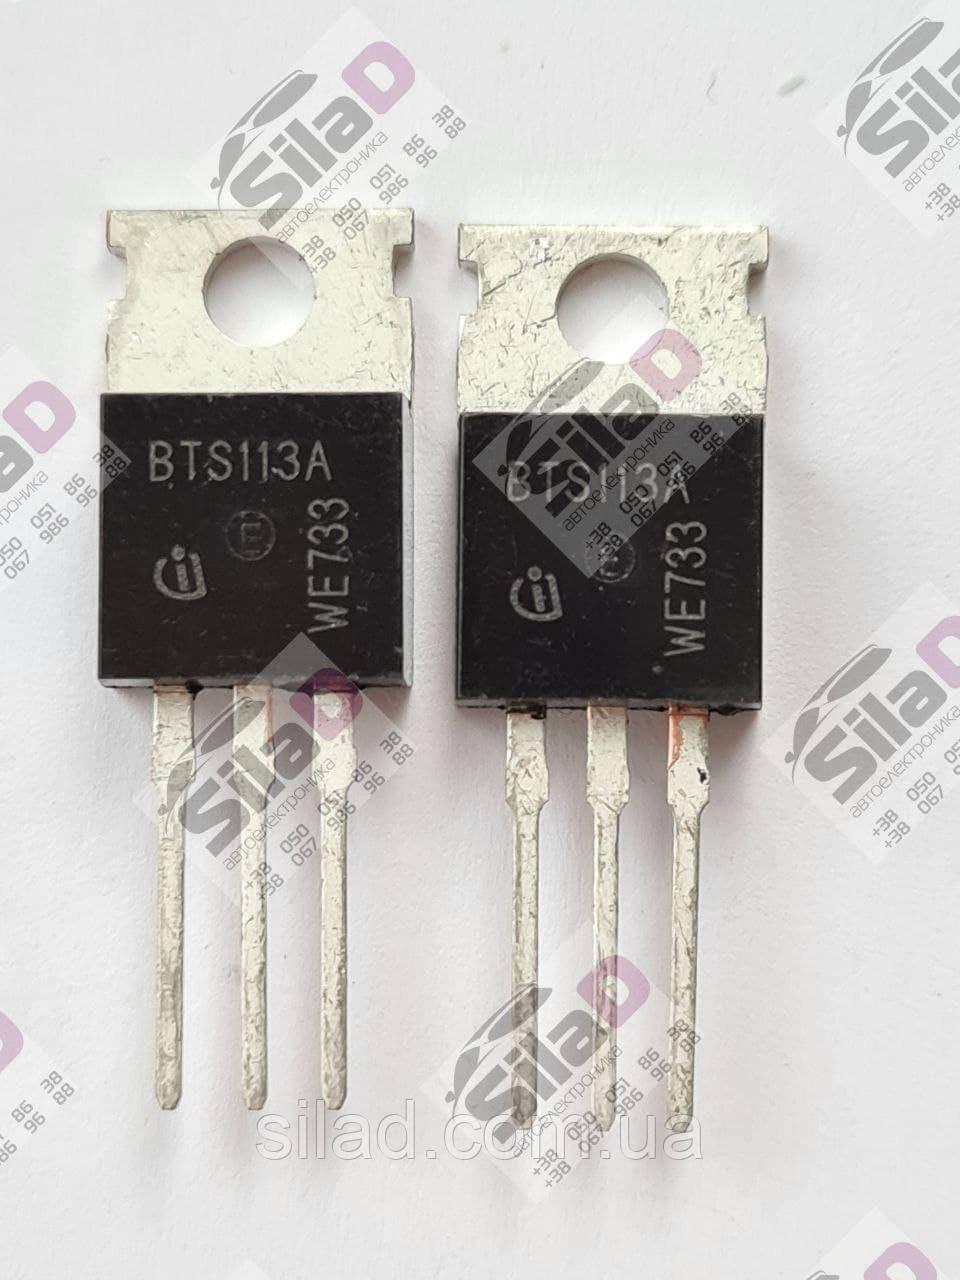 Транзистор BTS113A Infineon корпус TO-220